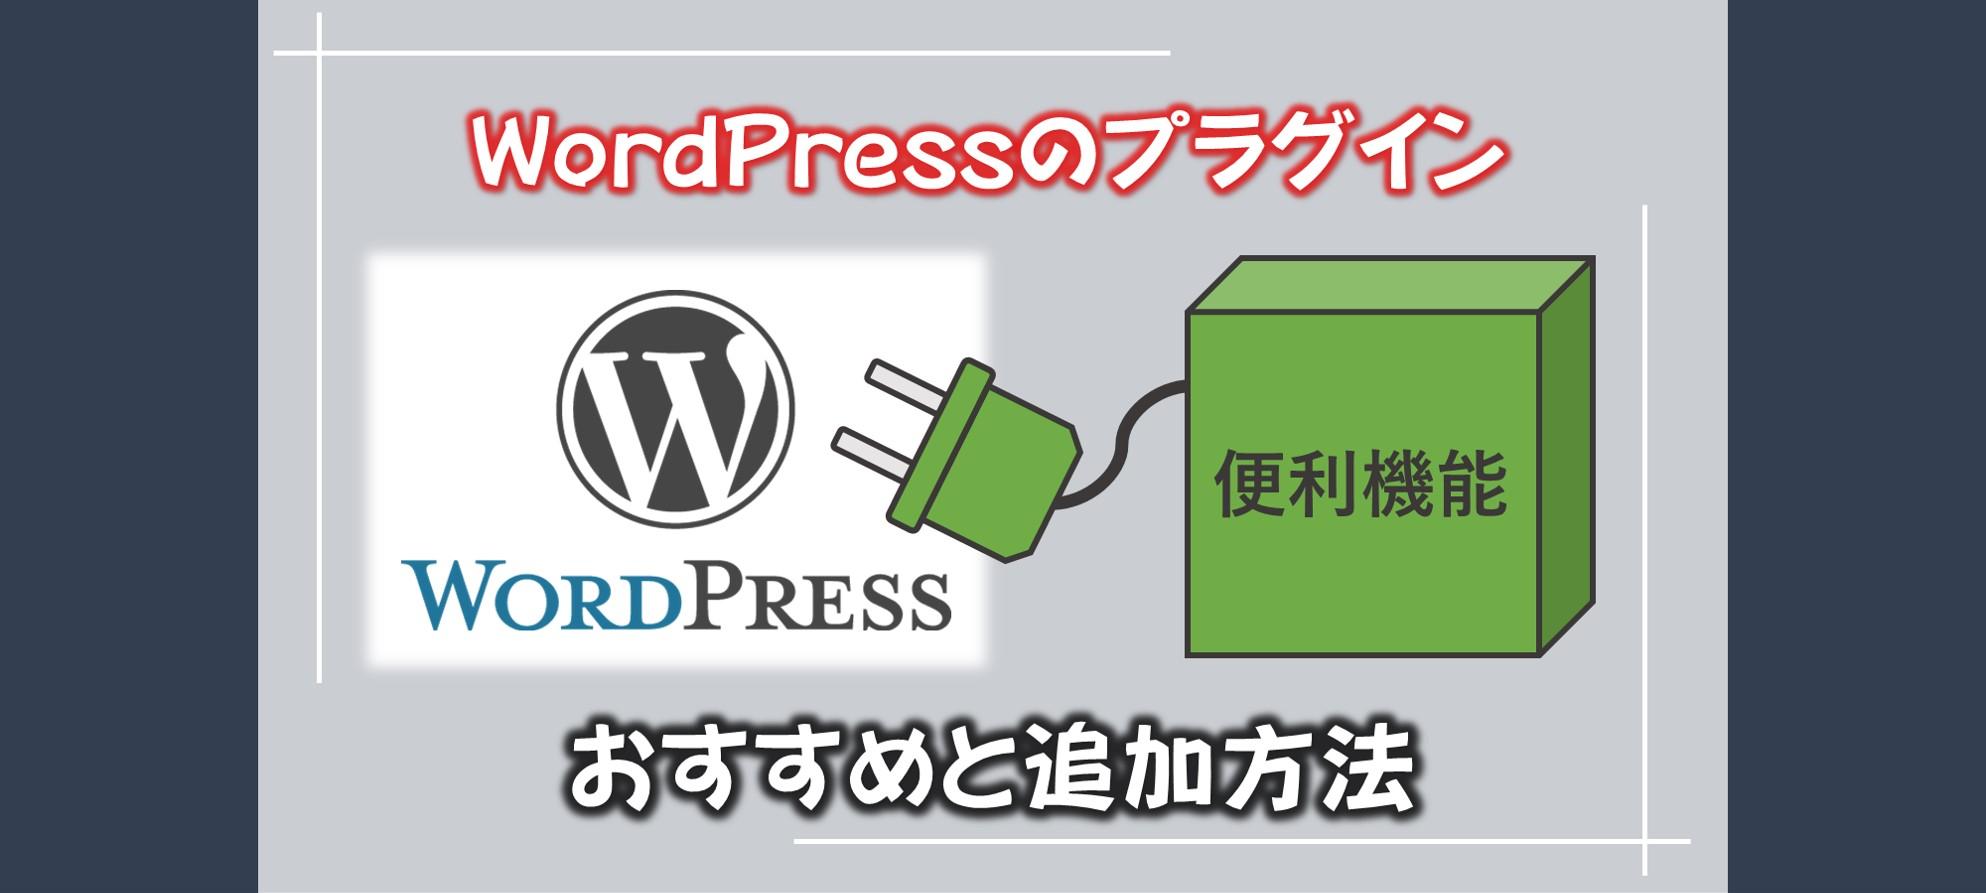 効率が3倍に上がる初心者必見WordPressおすすめプラグイン